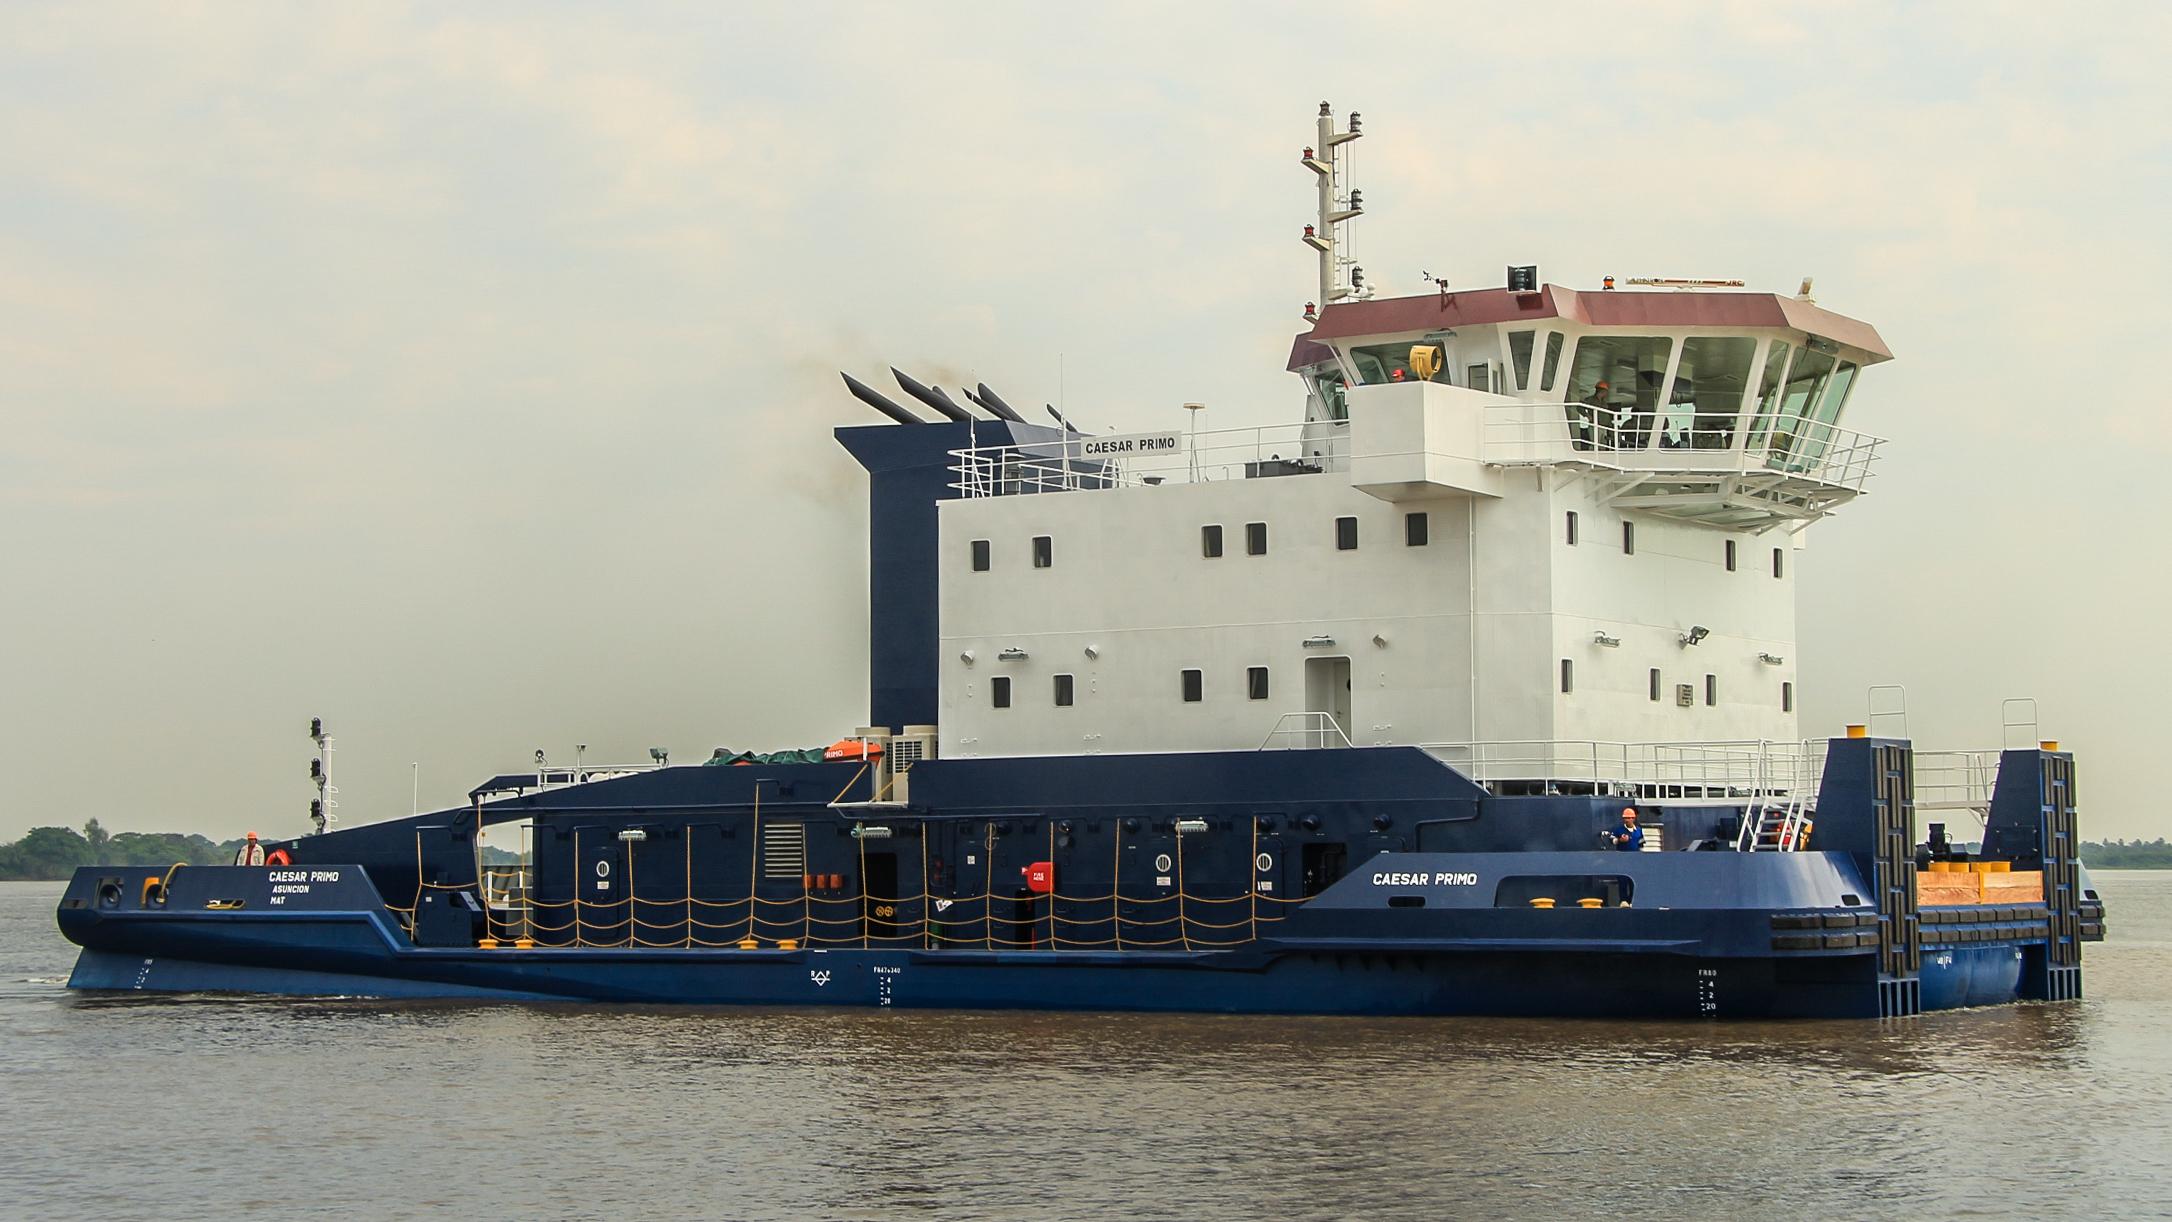 常石造船のパラグアイ造船拠点、アスティジェロ・ツネイシ・パラグアイで6,000馬力のプッシャーボートを初竣工